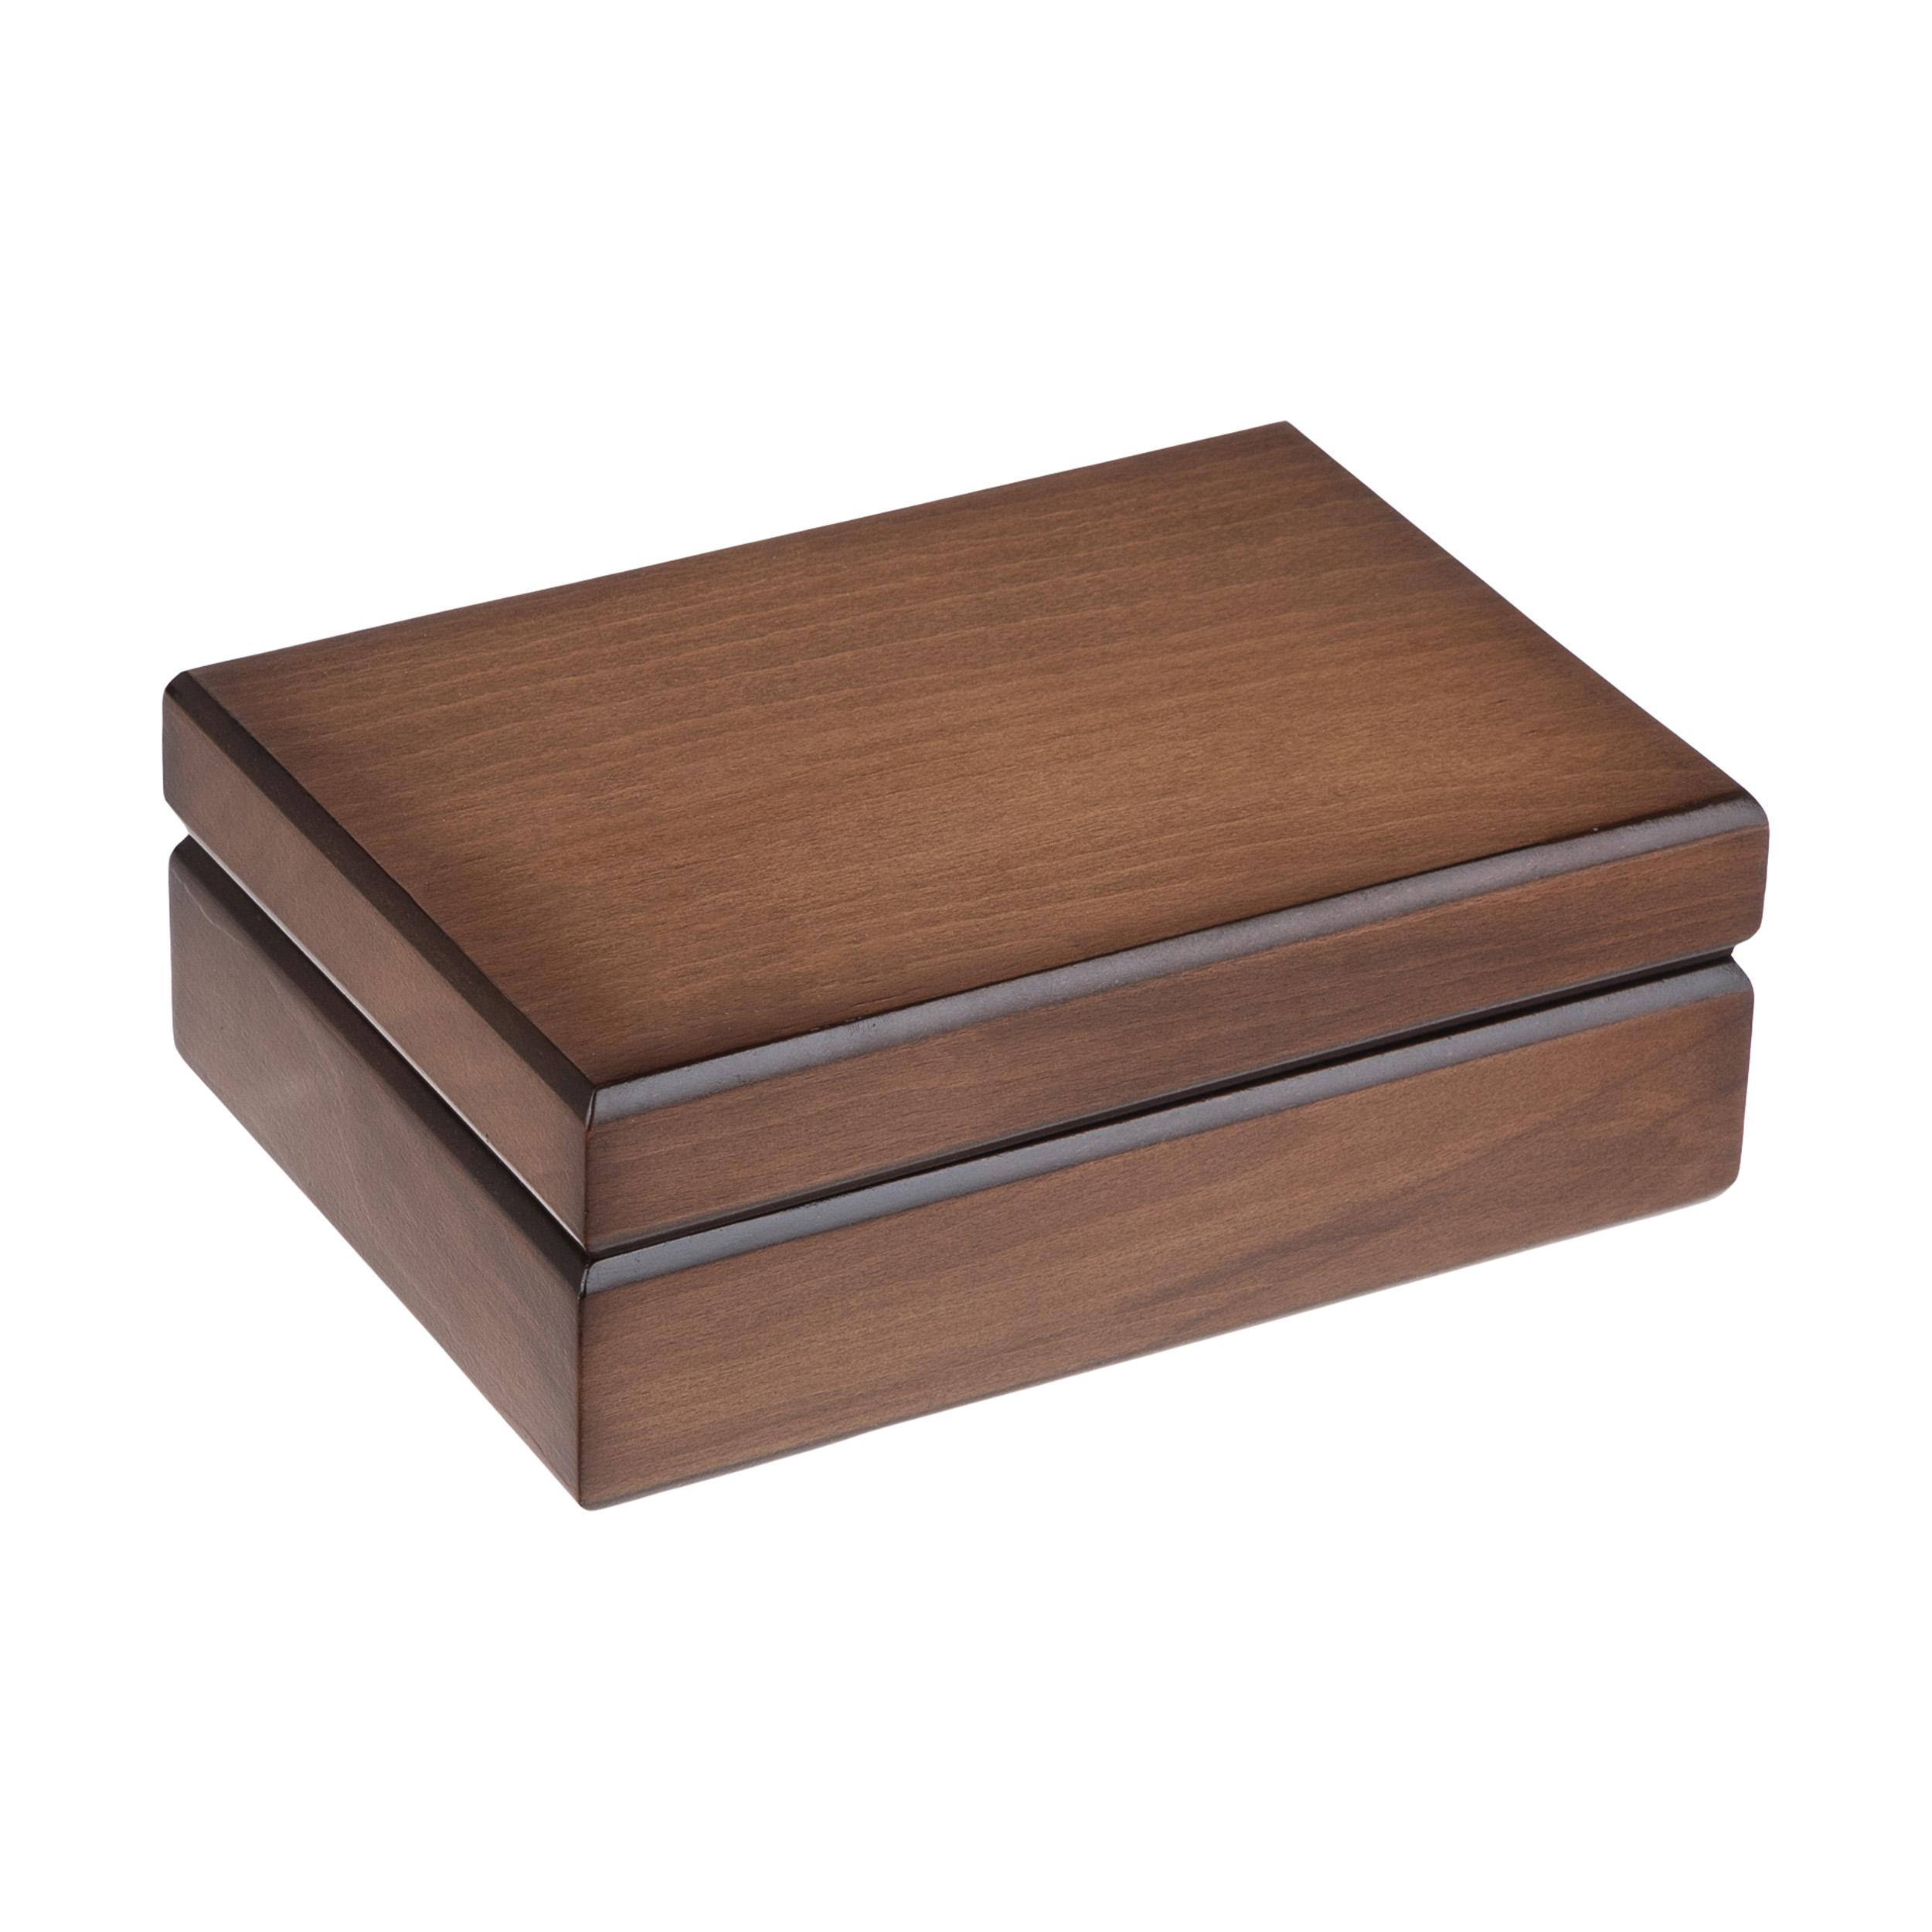 جعبه پذیرایی هُم آدیس مدل Royal کد BT 015